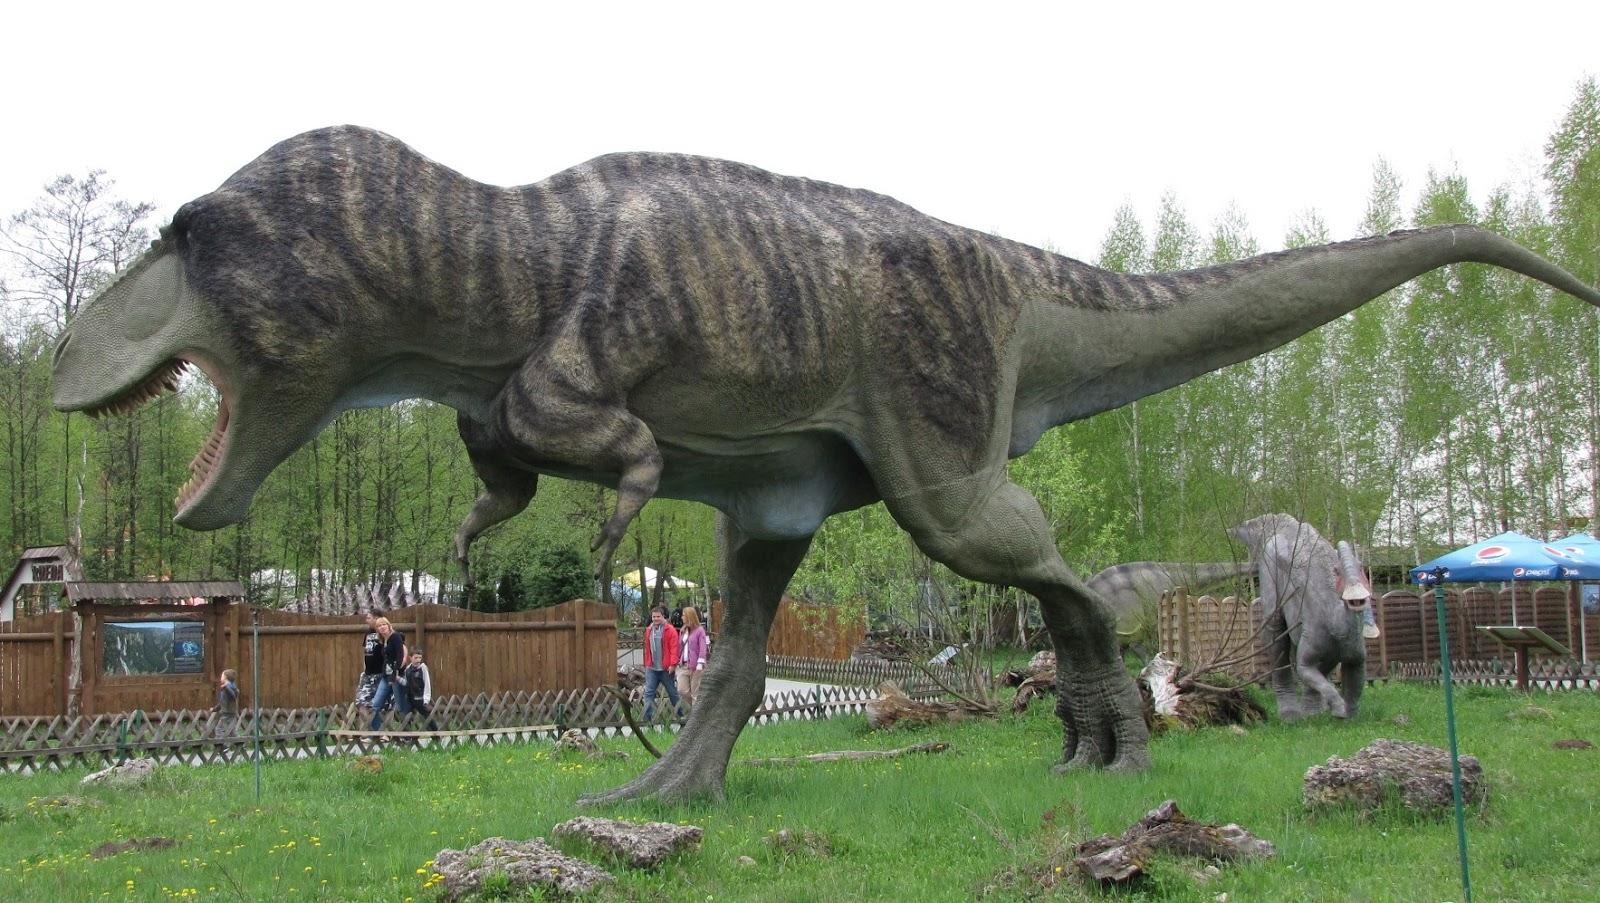 Tyranosaurus, by Marcin Polak from Warszawa / Warsaw, Polska / Poland Tyranozaur Rex Uploaded by FunkMonk, CC BY 2.0, https://commons.wikimedia.org/w/index.php?curid=31365817